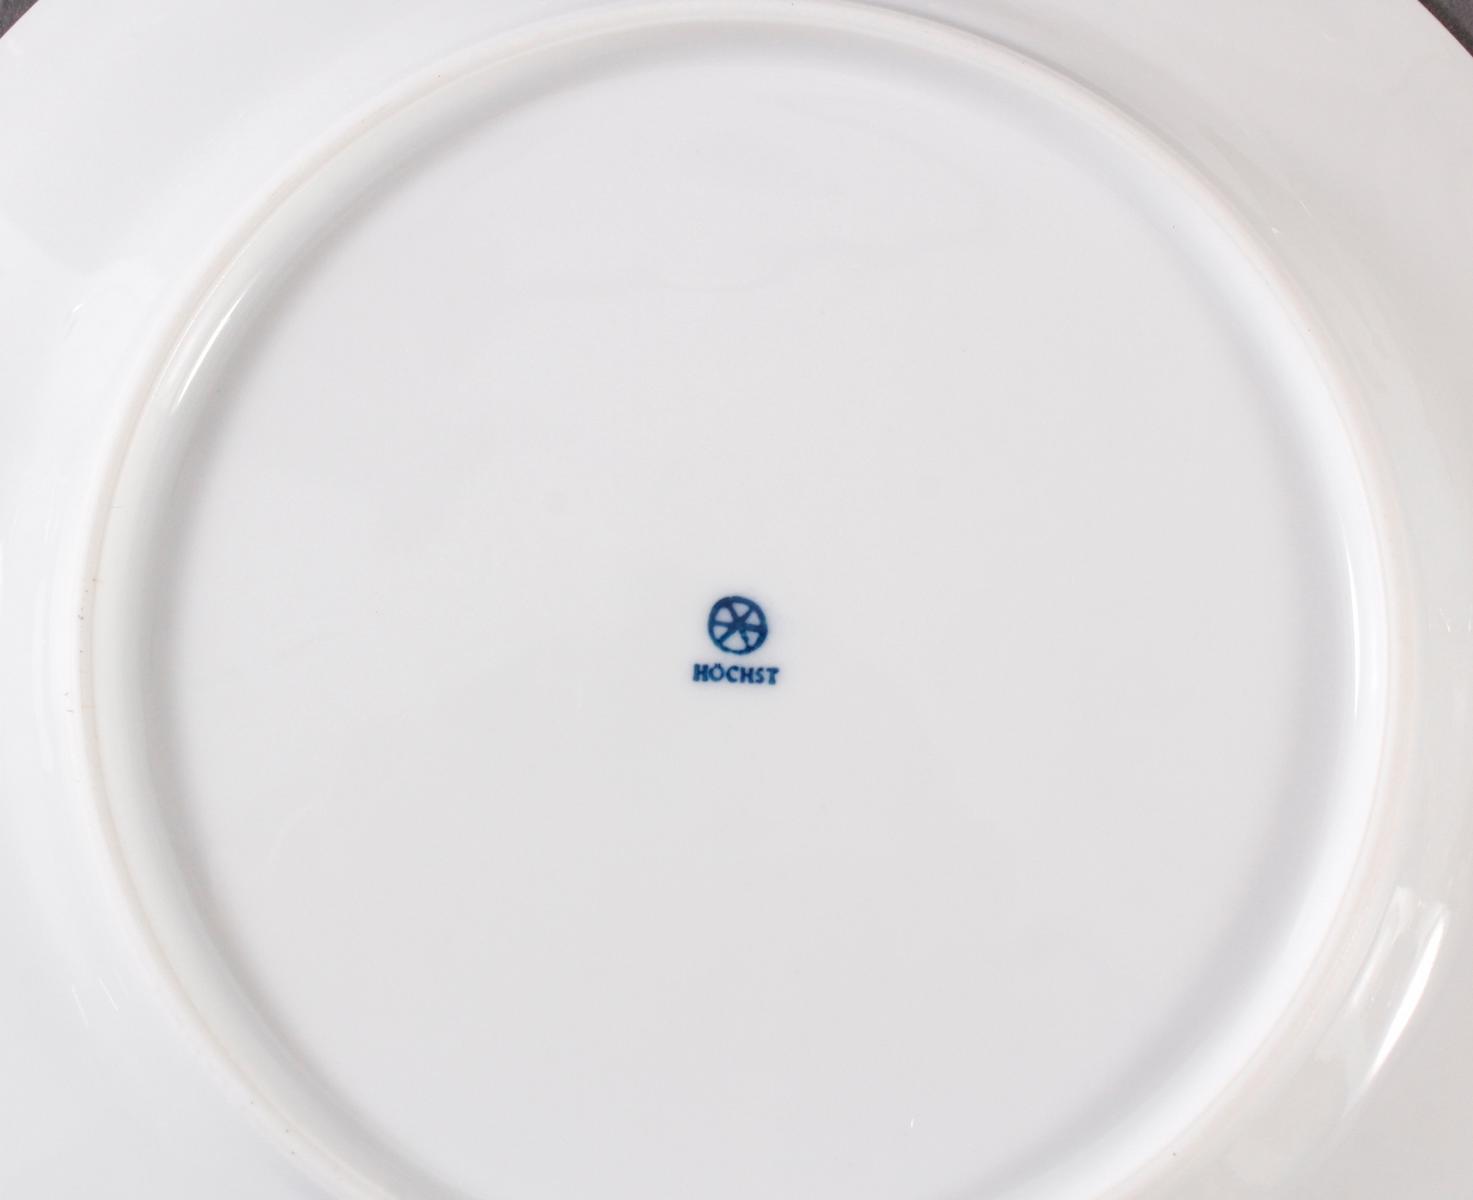 5 Teller, Höchster Porzellanmanufaktur-5